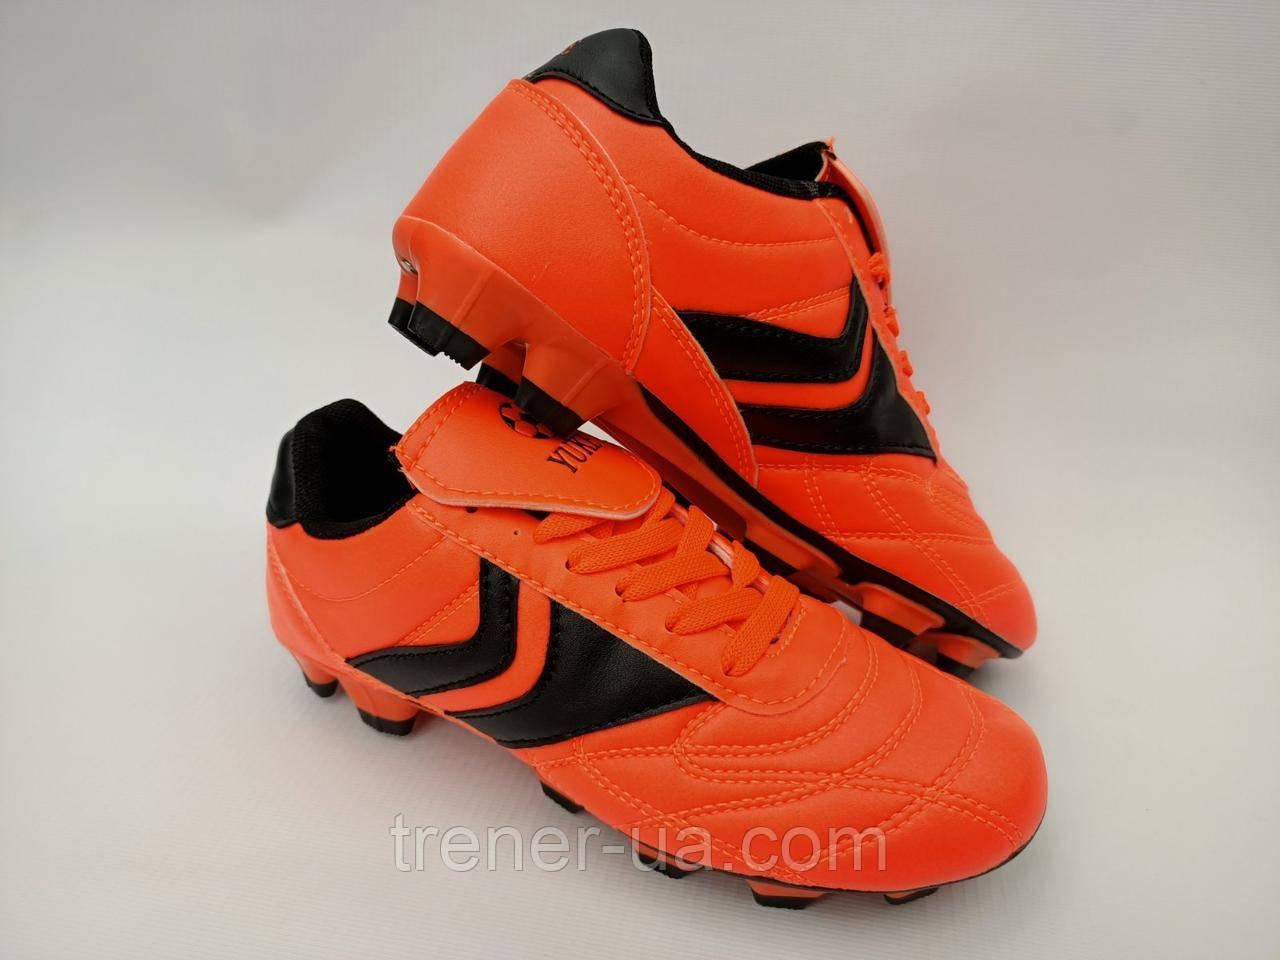 Копы детские оранжевые/футбольная обувь для детей/детские бутсы/детская обувь для футбола/копы оранжевые/футбо